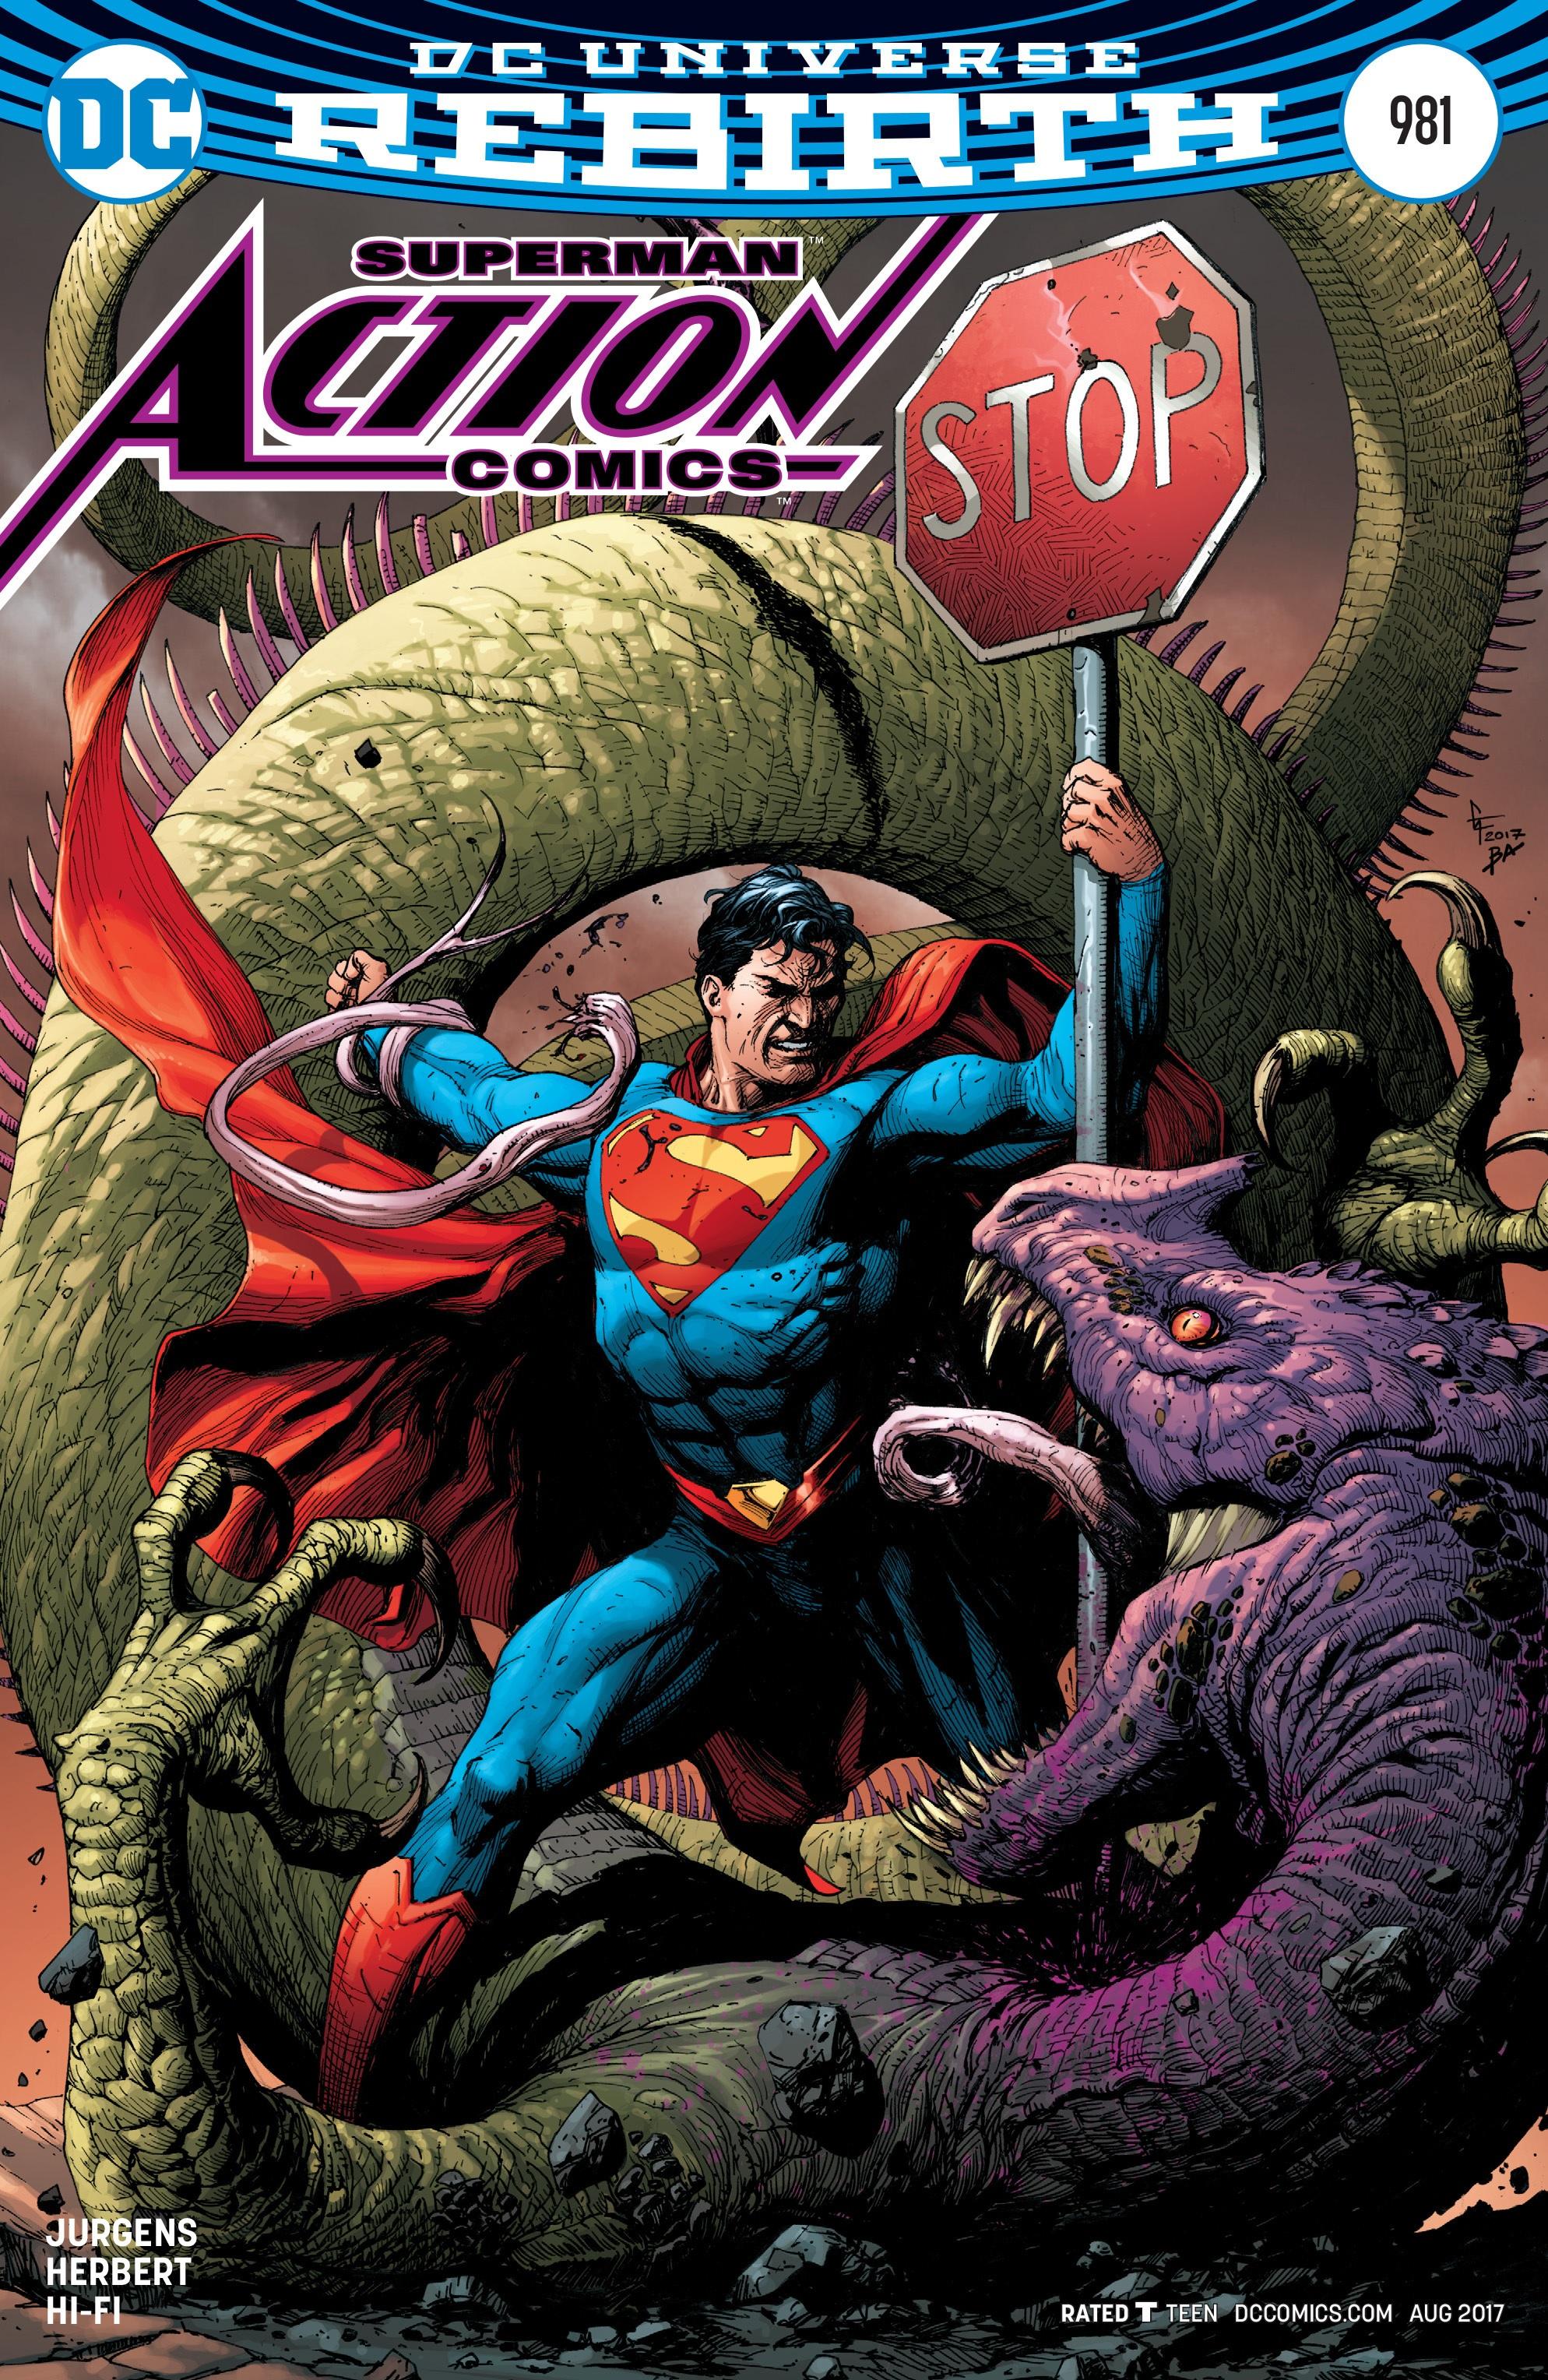 Action Comics Vol 1 981 Variant.jpg